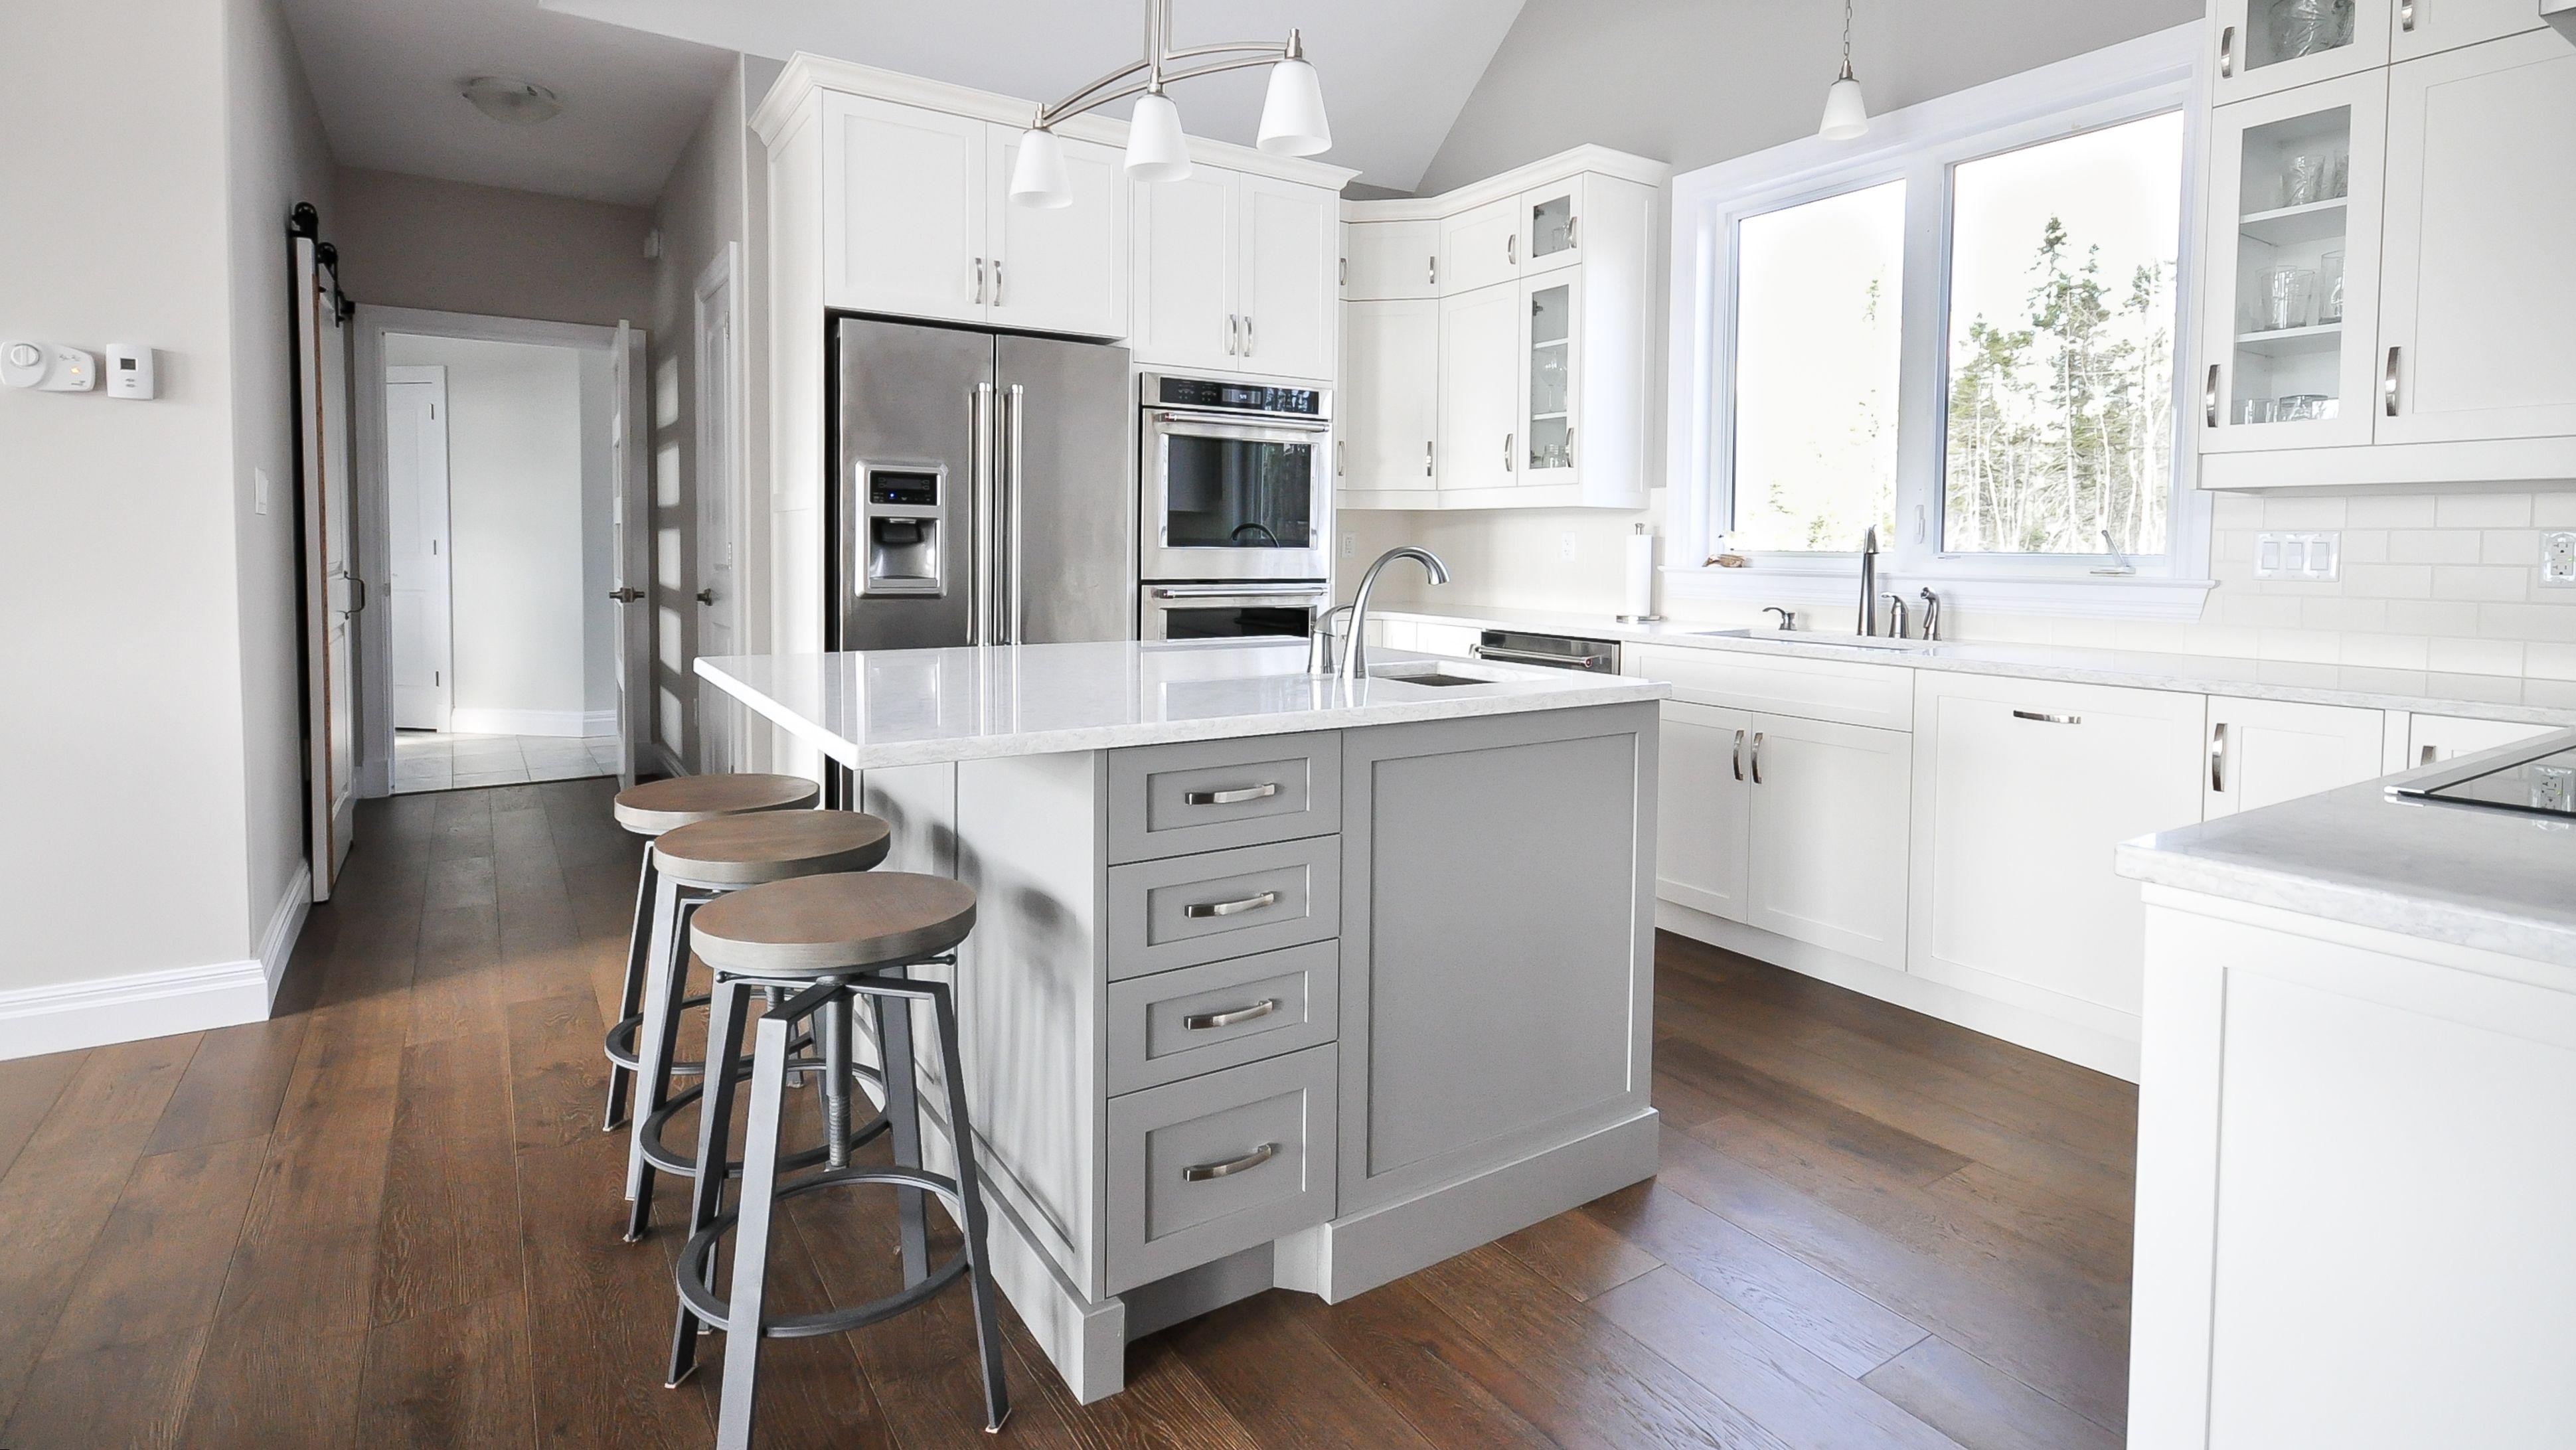 Home Renovations U0026 Interior Design